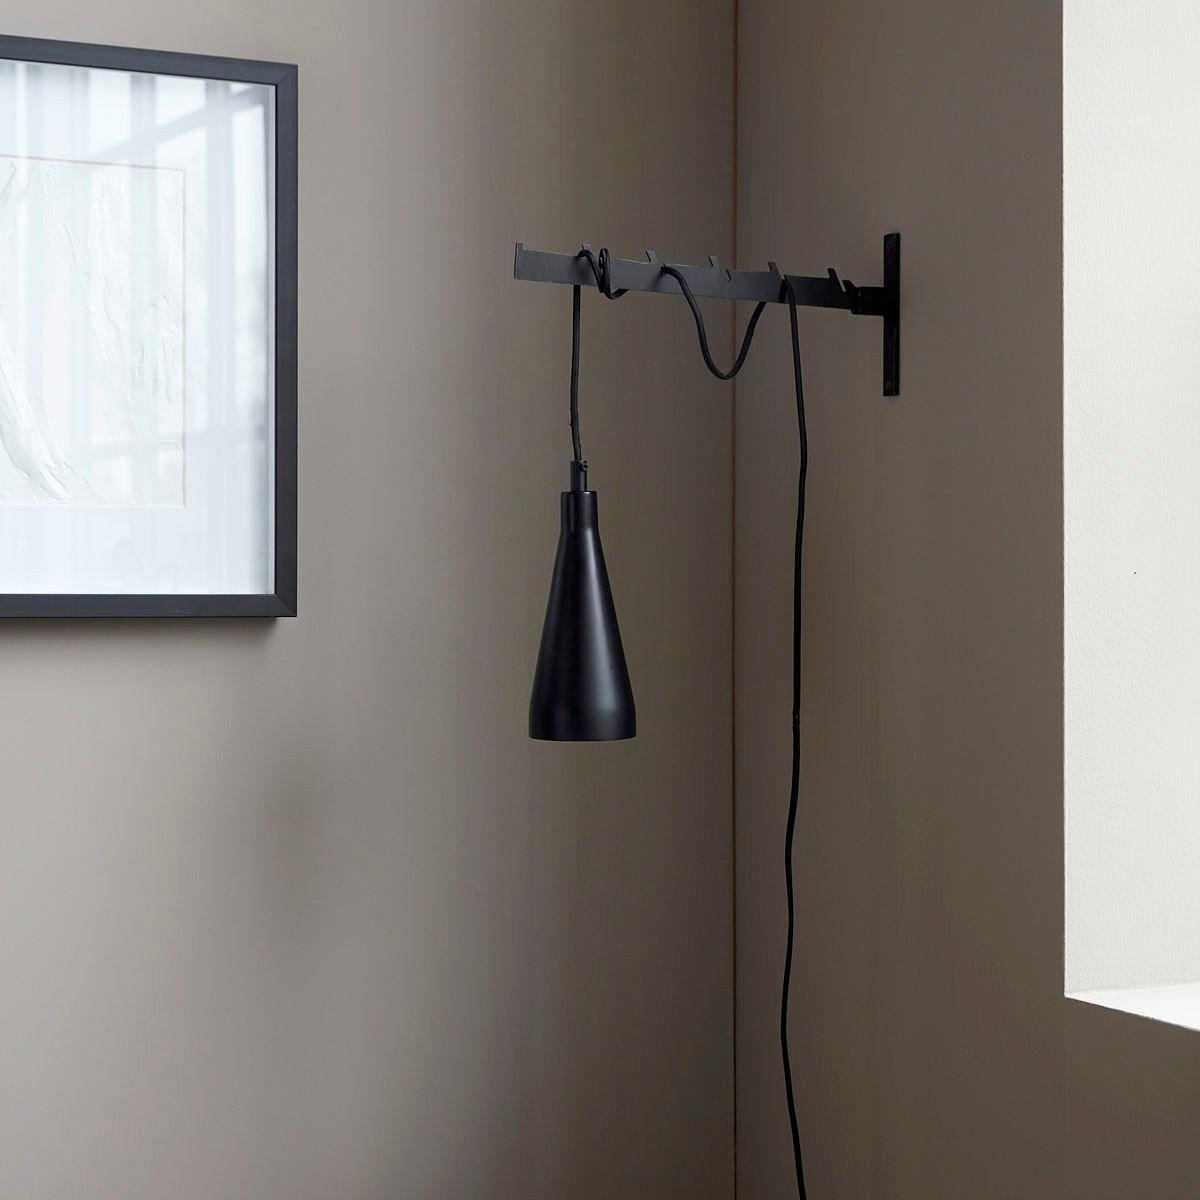 Háček na stěnu na zavěšení světla PURI_1